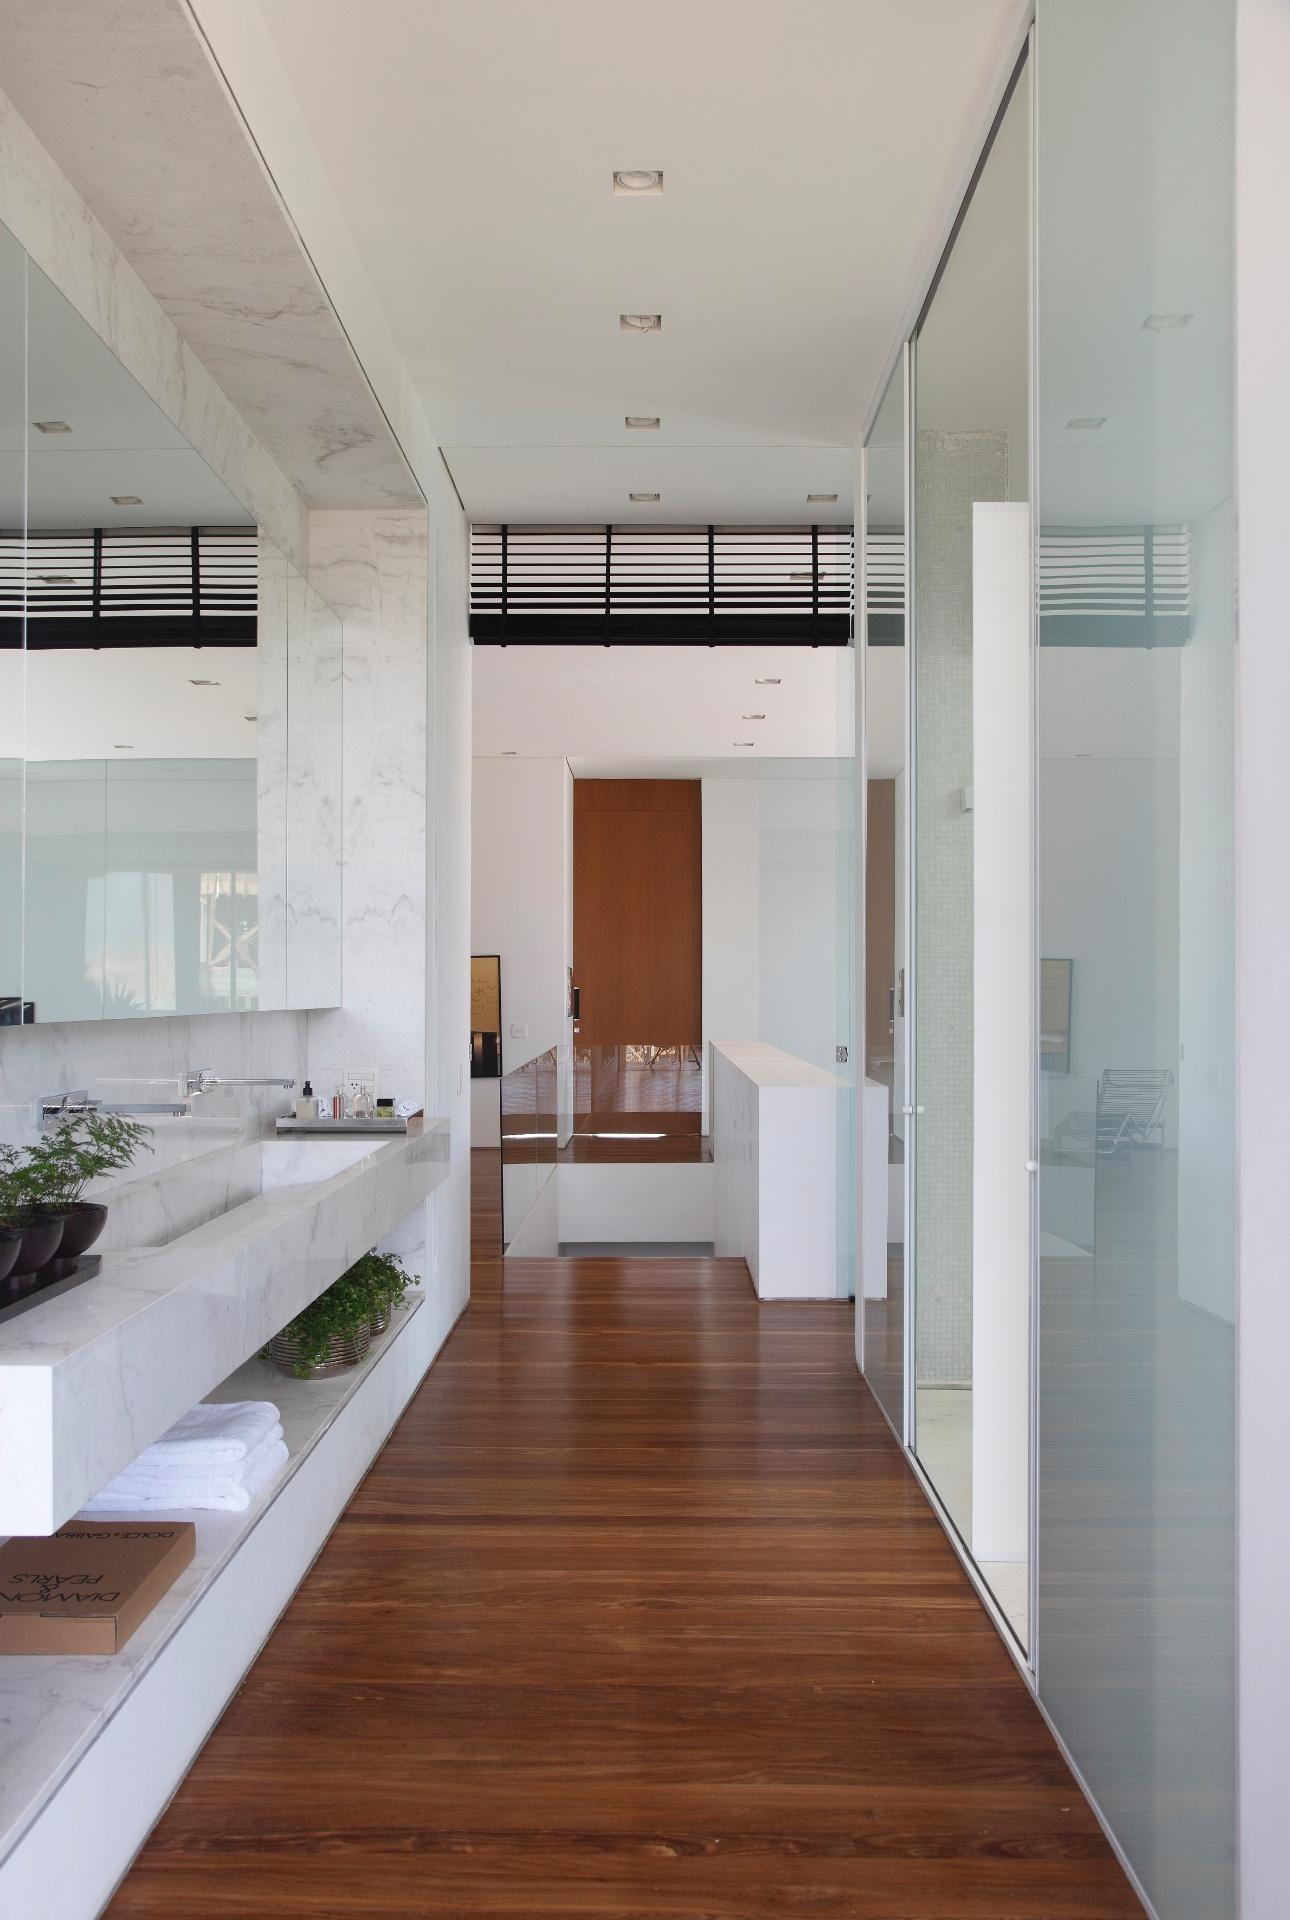 casal há um corredor entre a bancada da pia (à esq.) e o banheiro  #683E2A 1290 1920